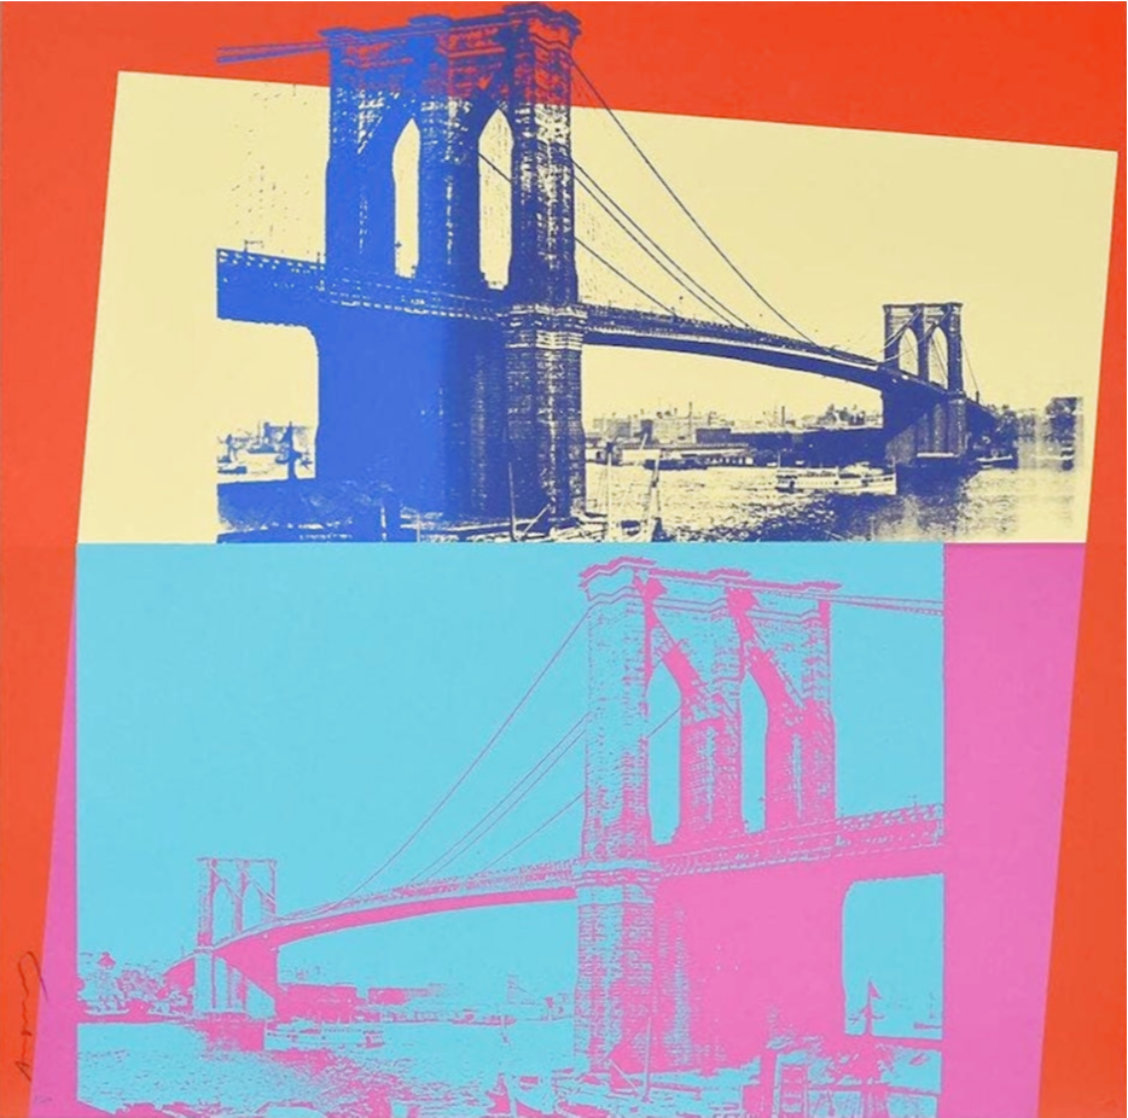 Brooklyn Bridge, Fs 11.290 1983 Limited Edition Print by Andy Warhol